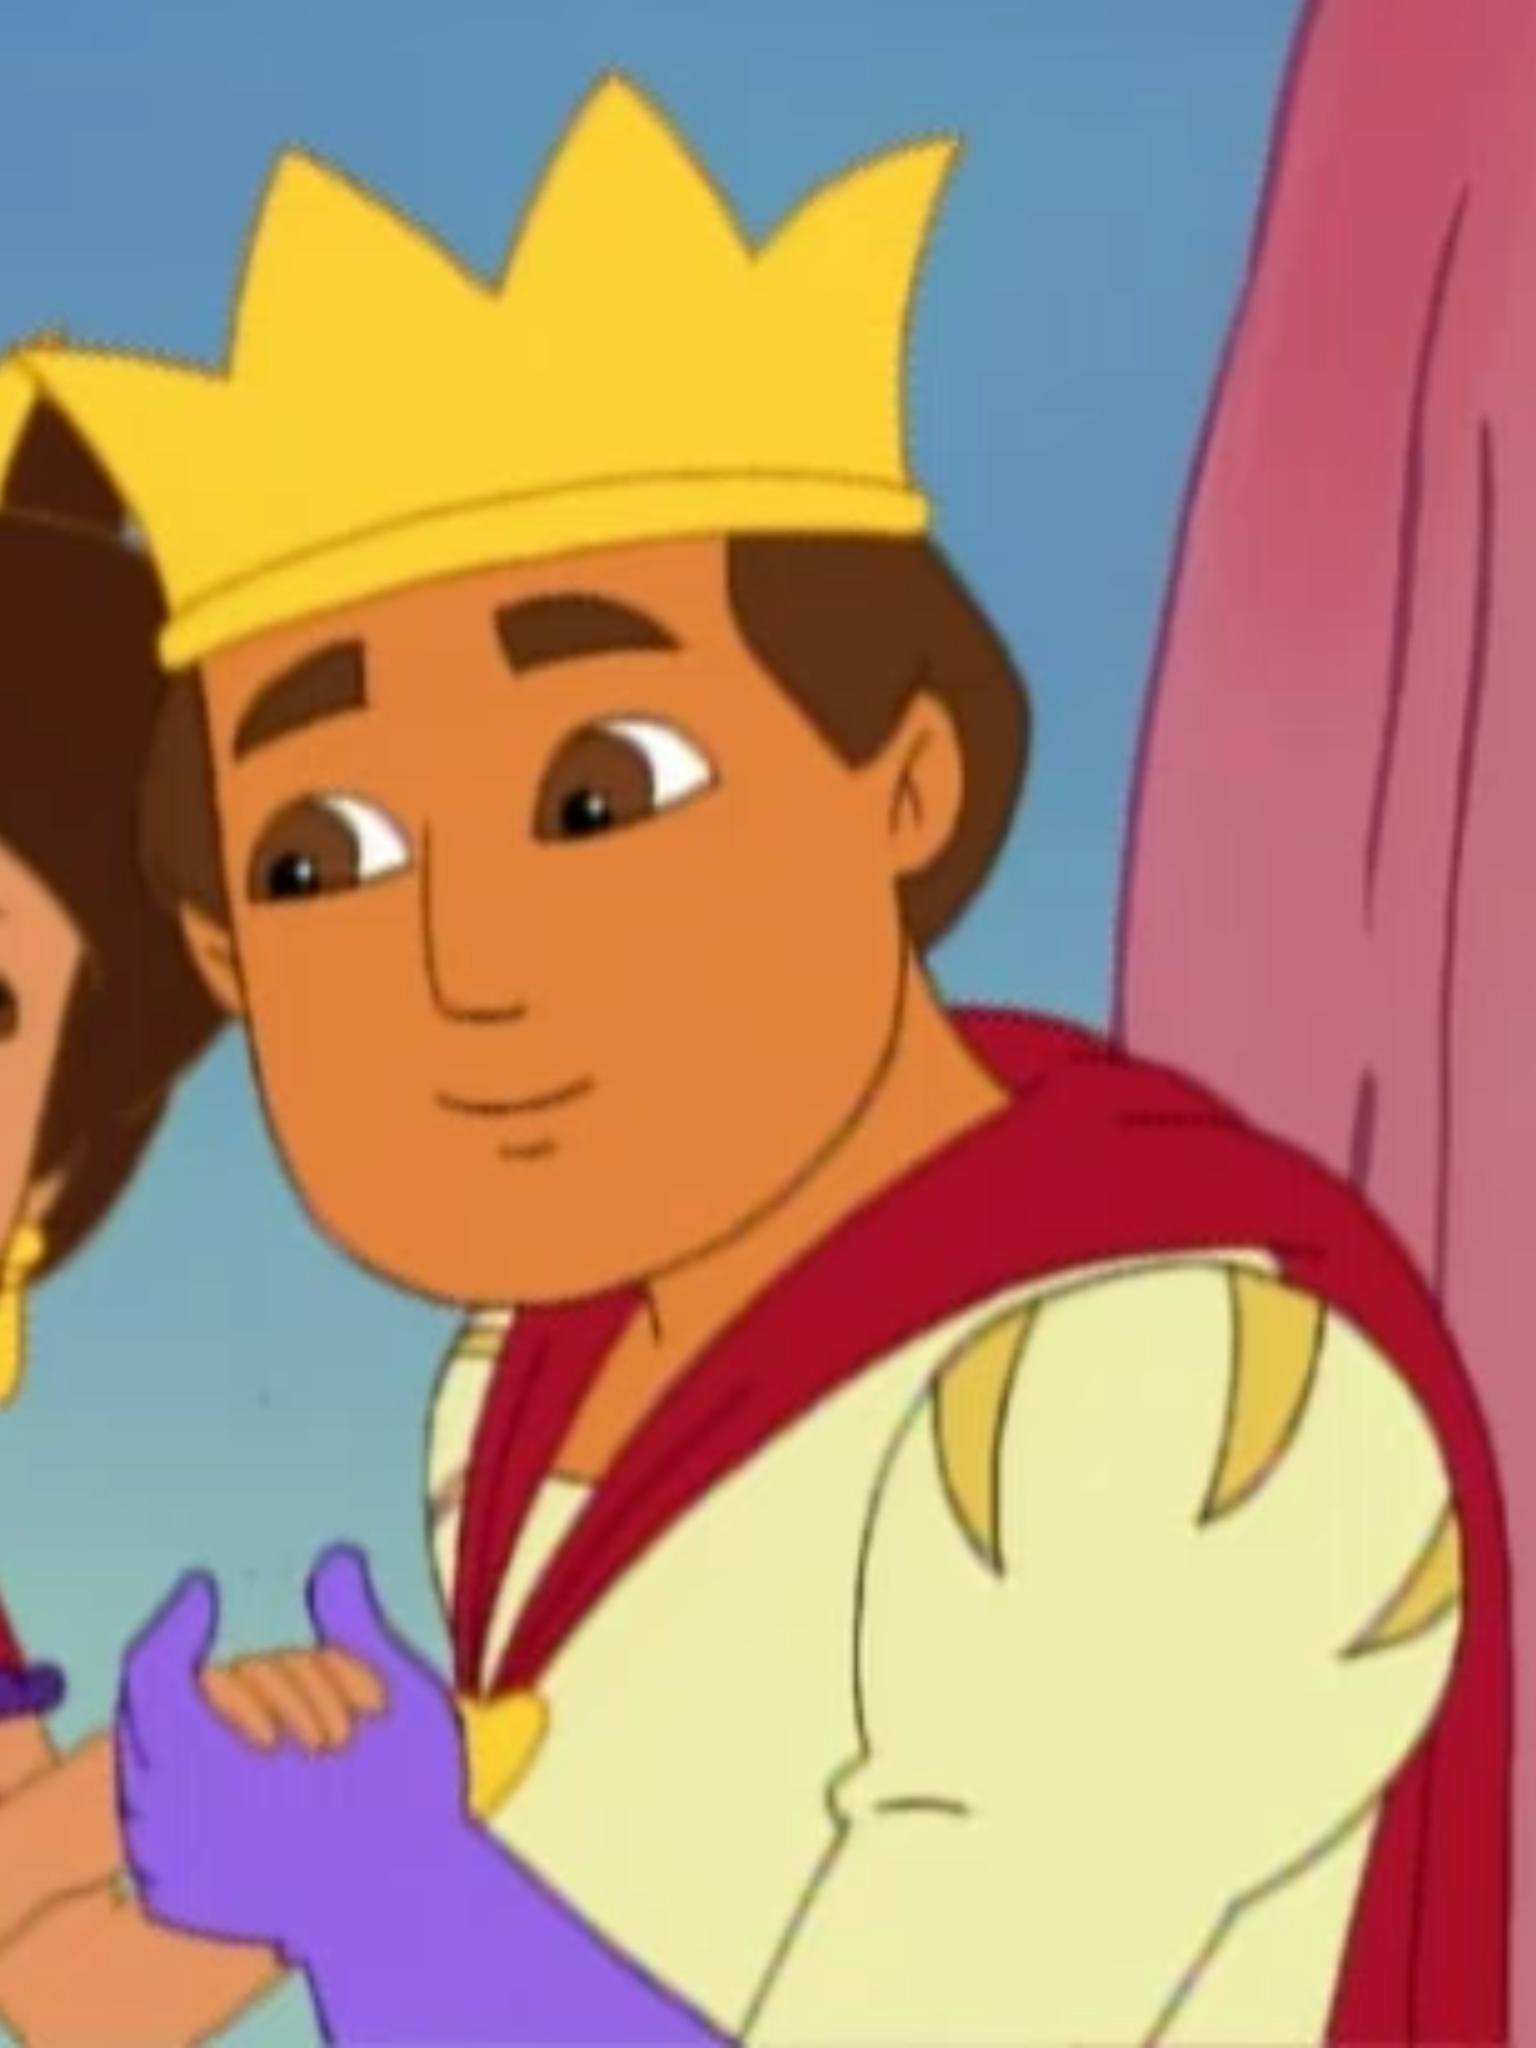 King Popo